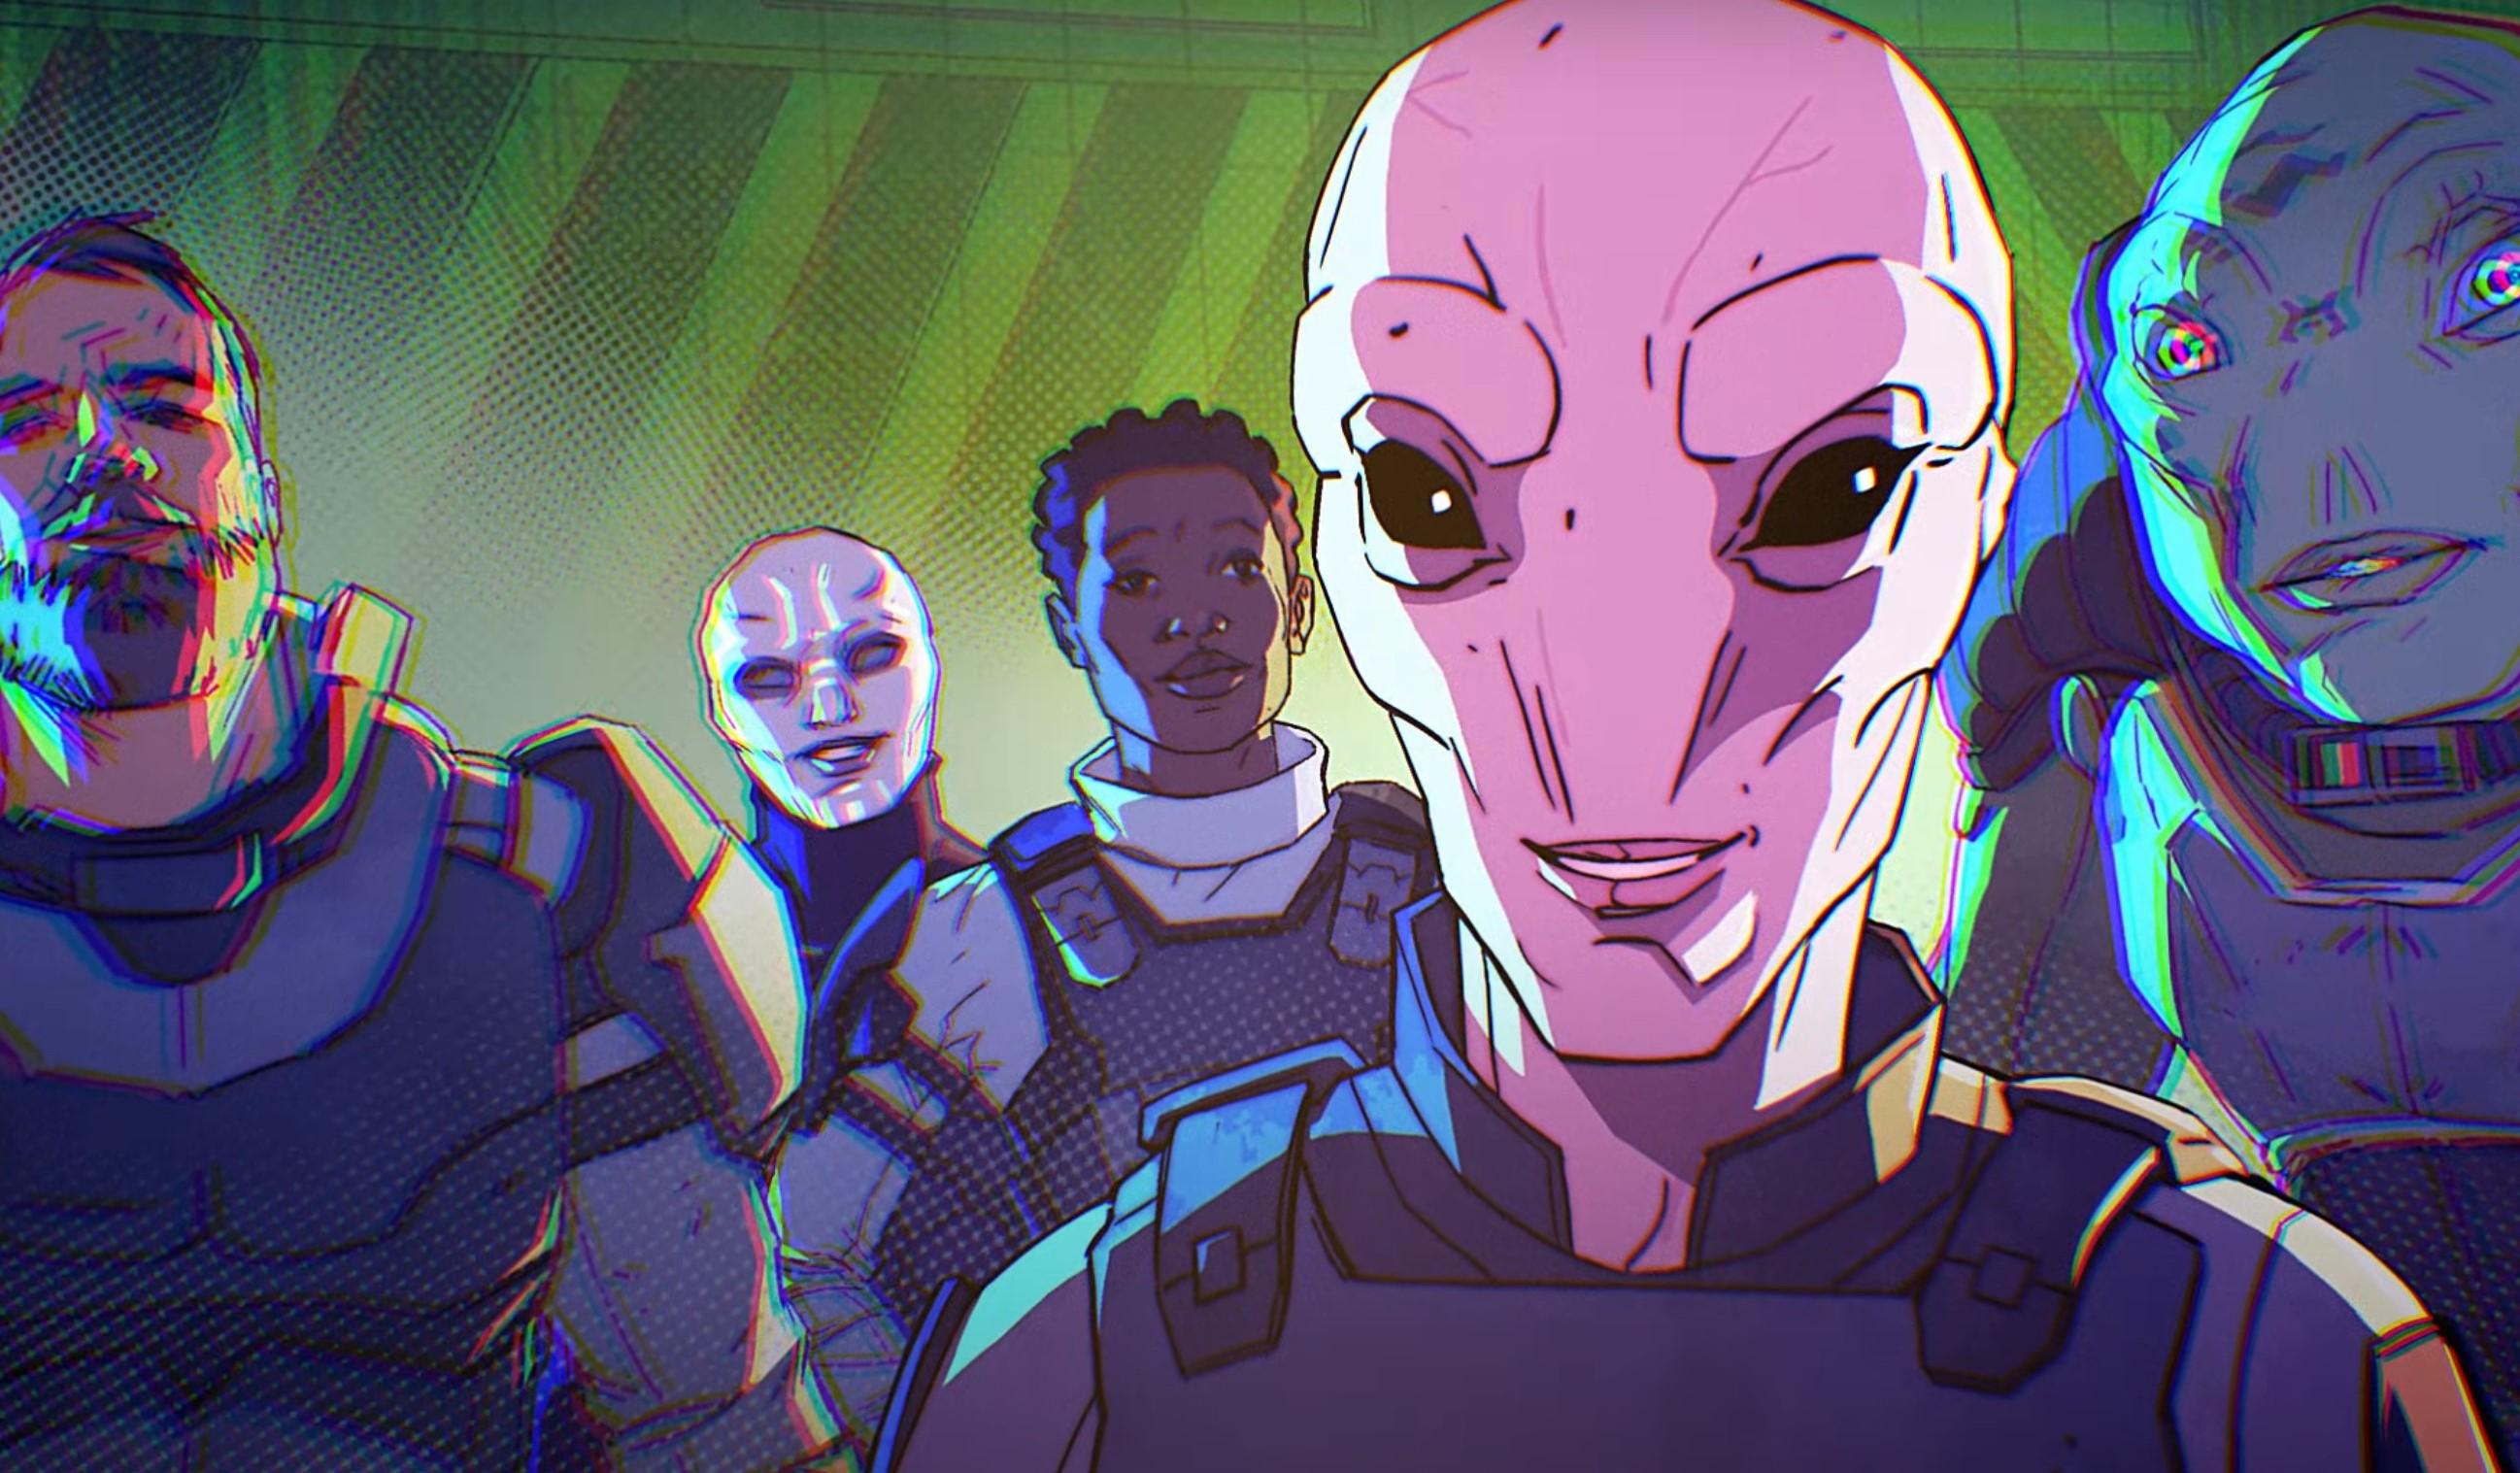 Powrót uznanej serii gier - oto XCOM: Chimera Squad